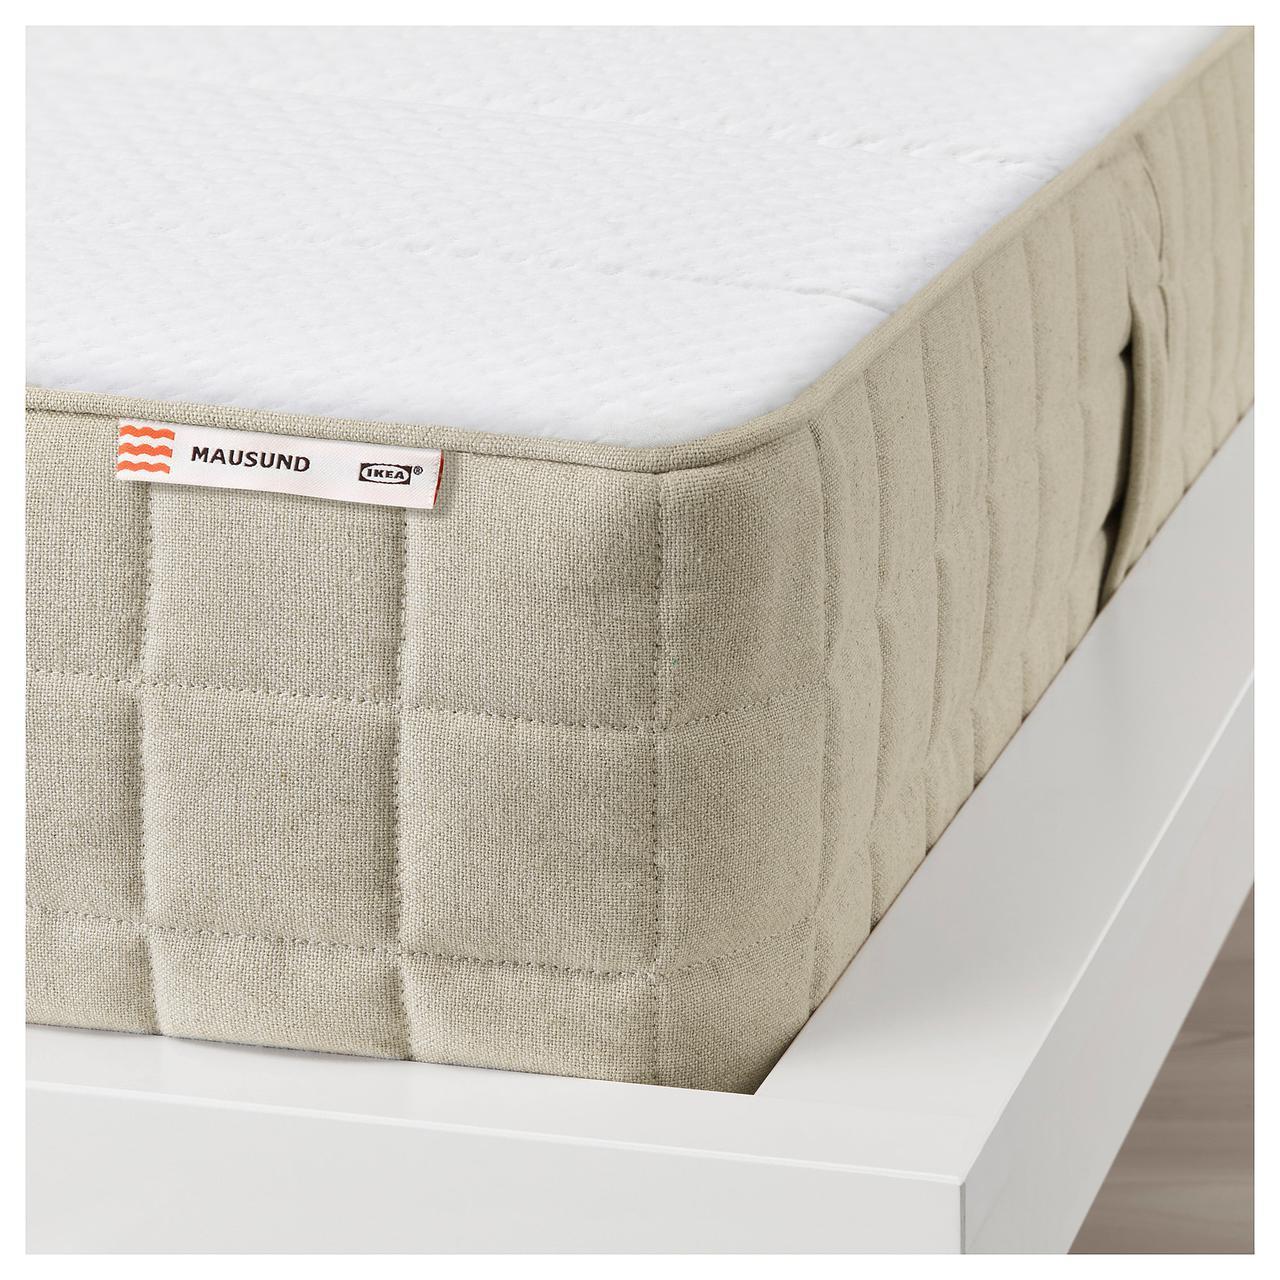 ✅ IKEA MAUSUND (303.727.20) Натуральный латексный матрас, среднежесткий натуральный